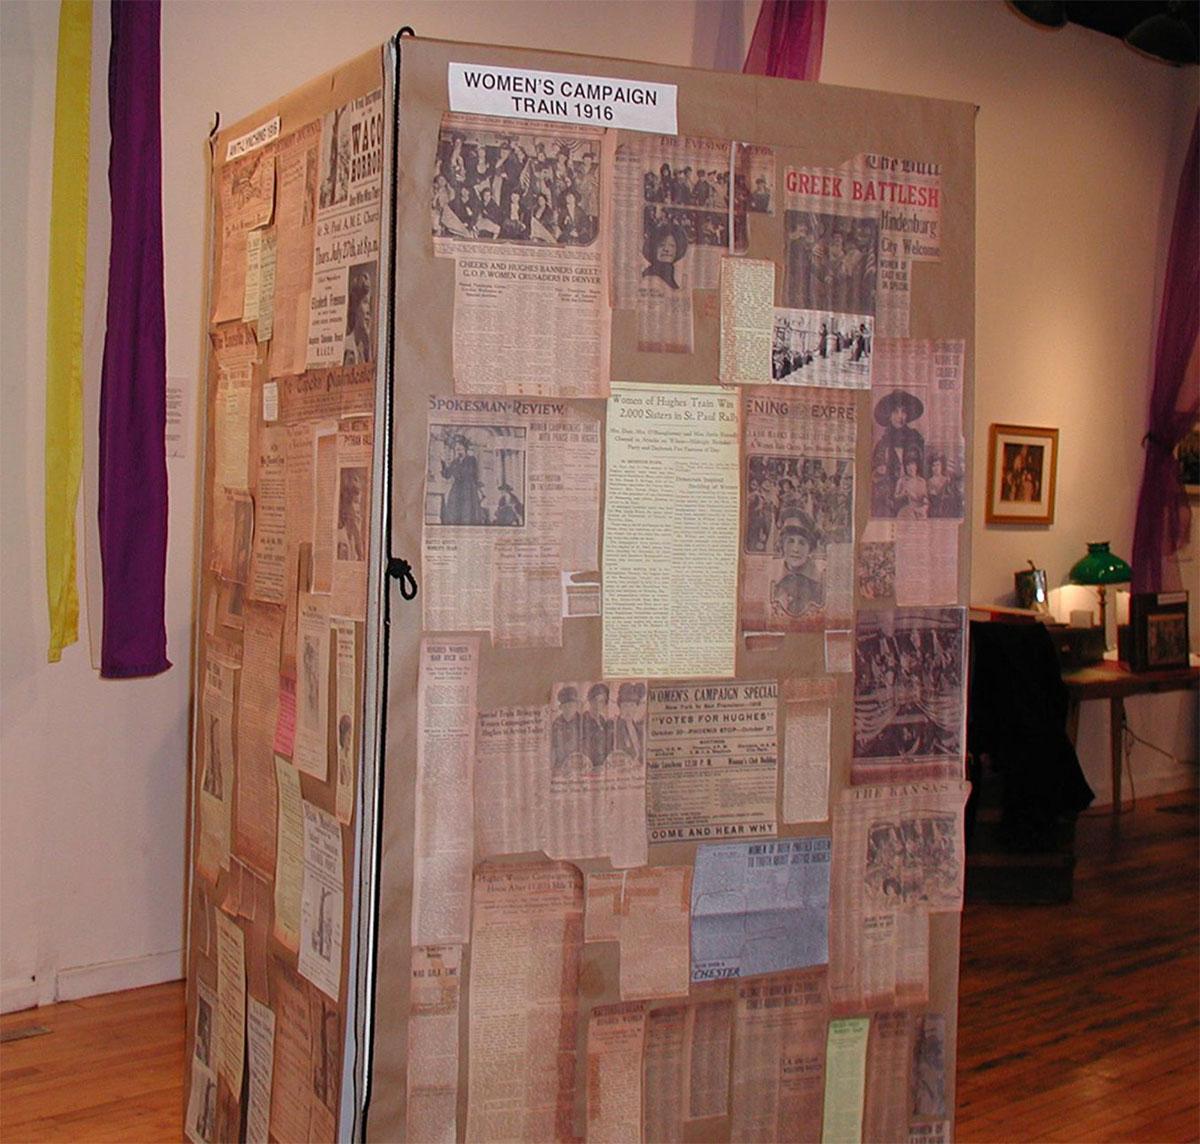 ef-exhibit-1916-hughes-campaign